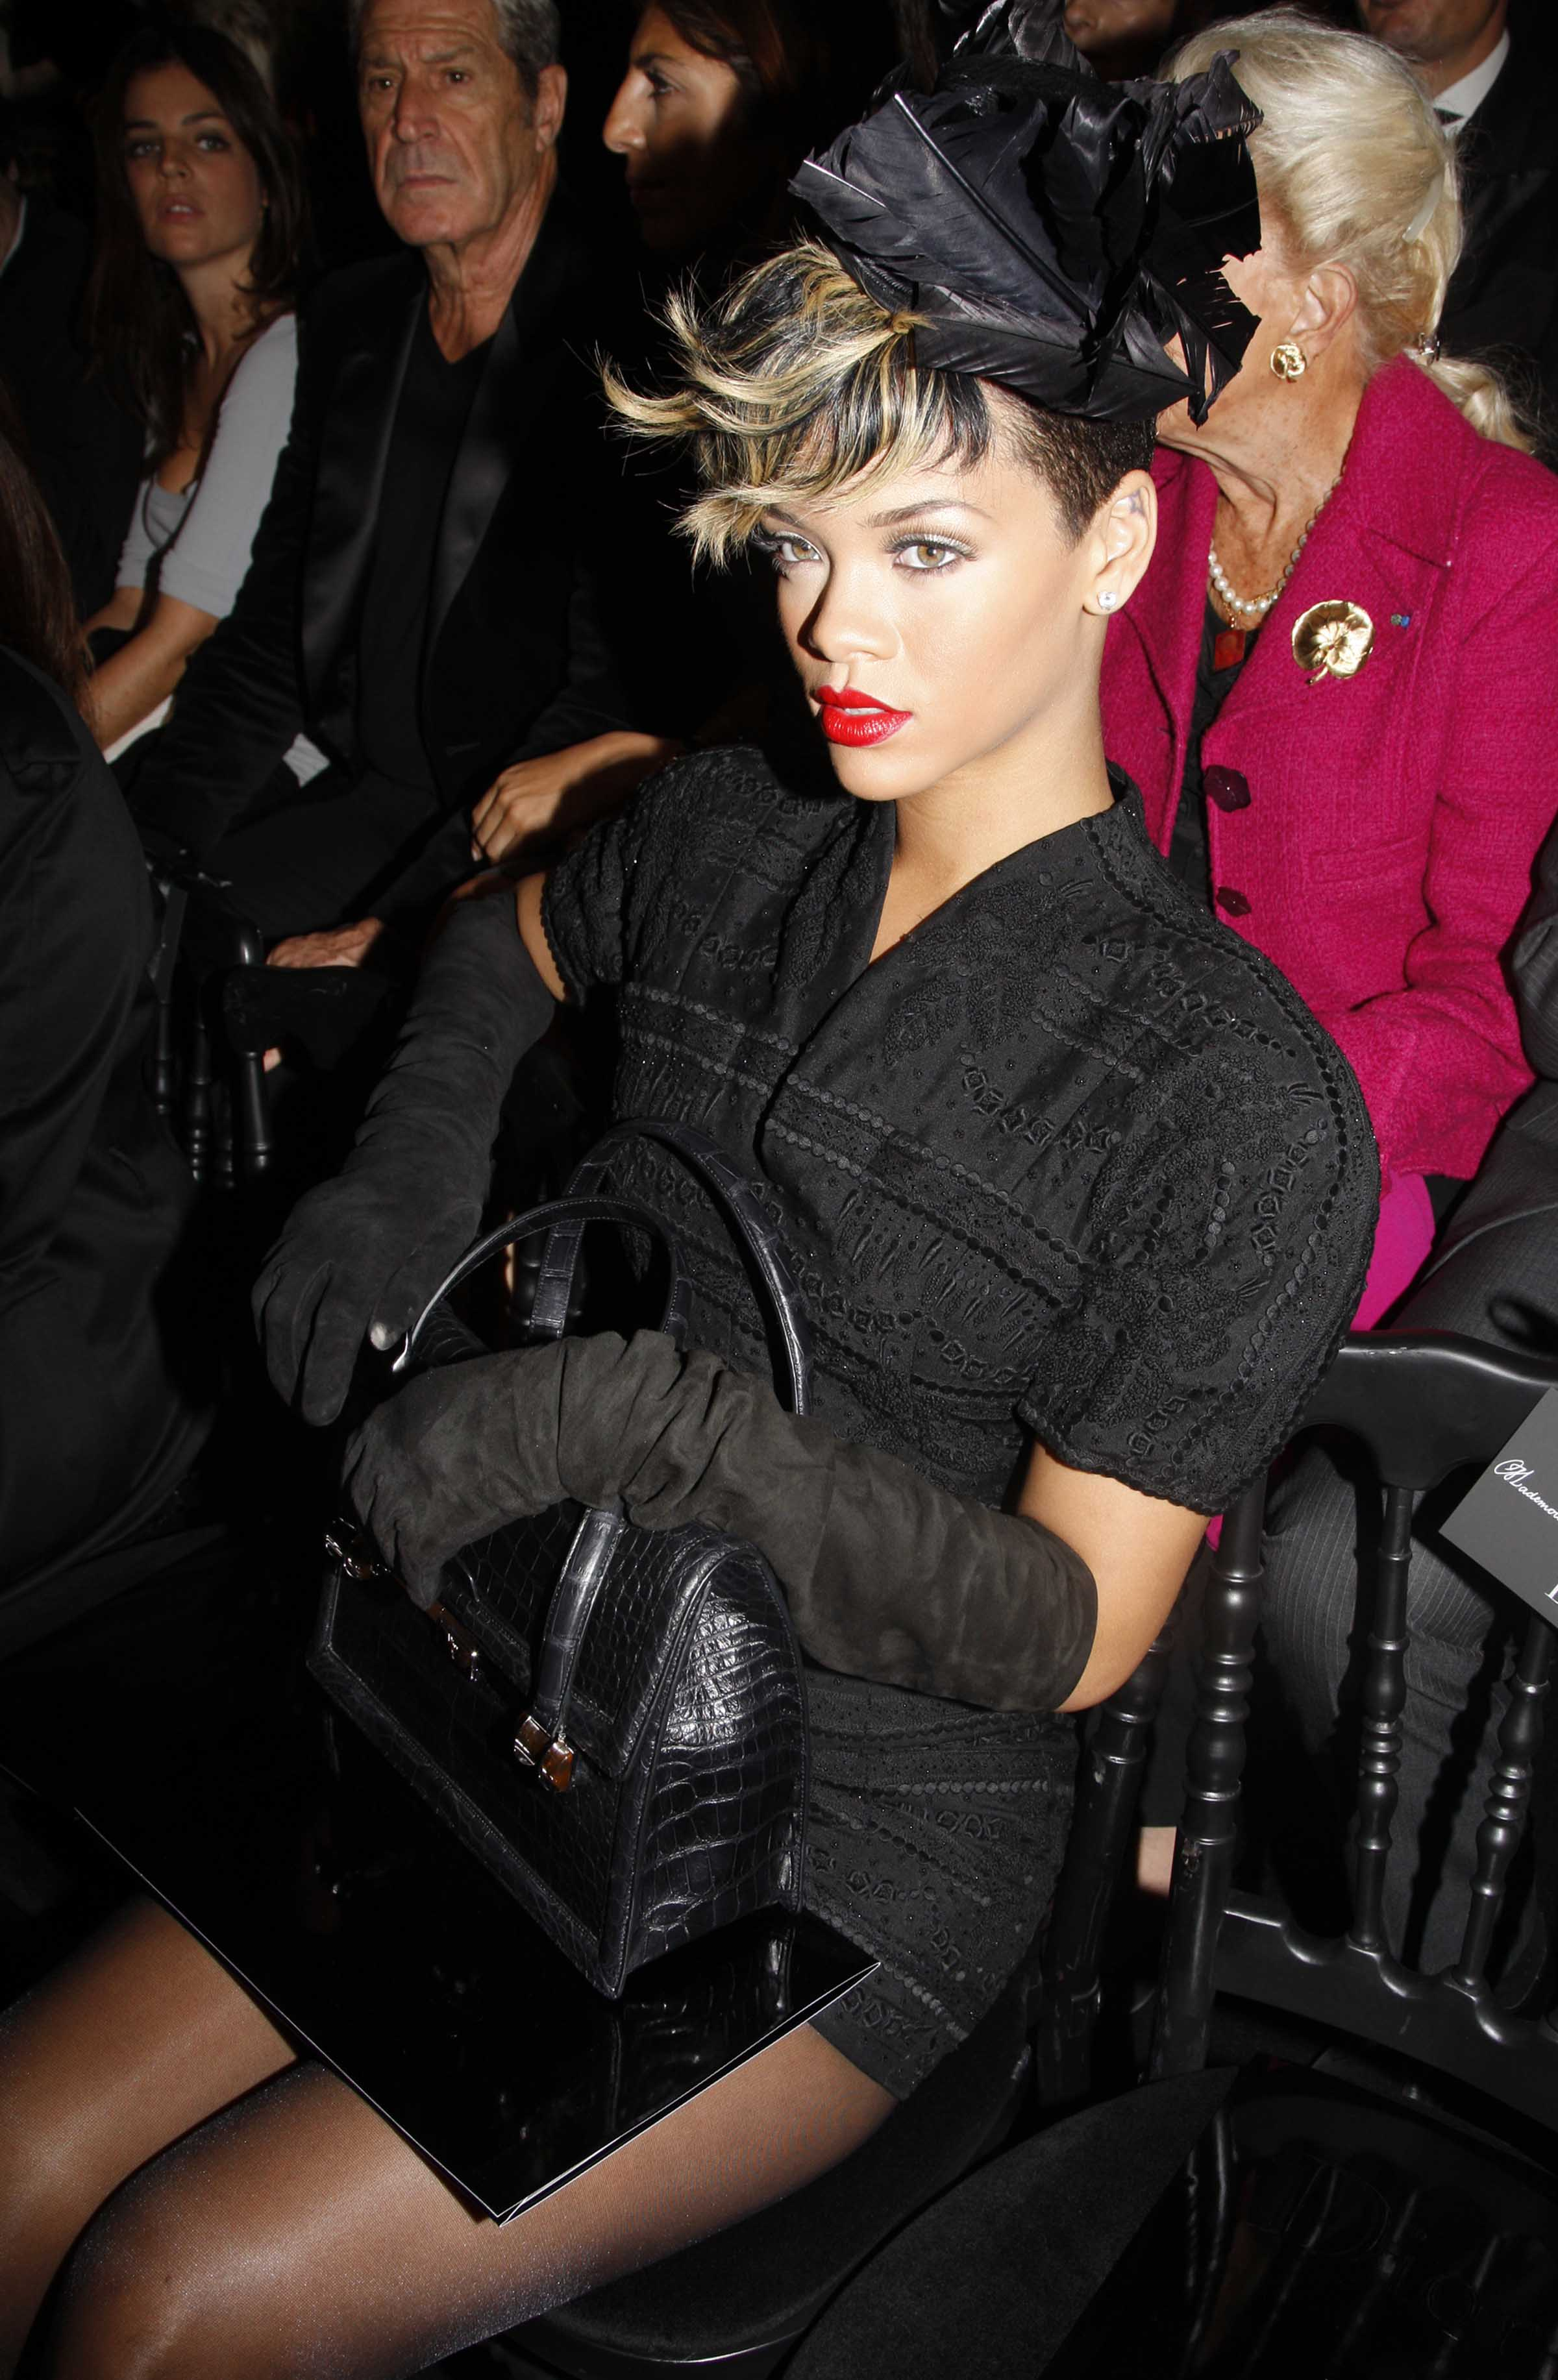 46062_celebrity-paradise.com-The_Elder-Rihanna_2009-10-02_-_at_the_Christian_Dior_Pret_a_Porter_show_7232_122_529lo.jpg